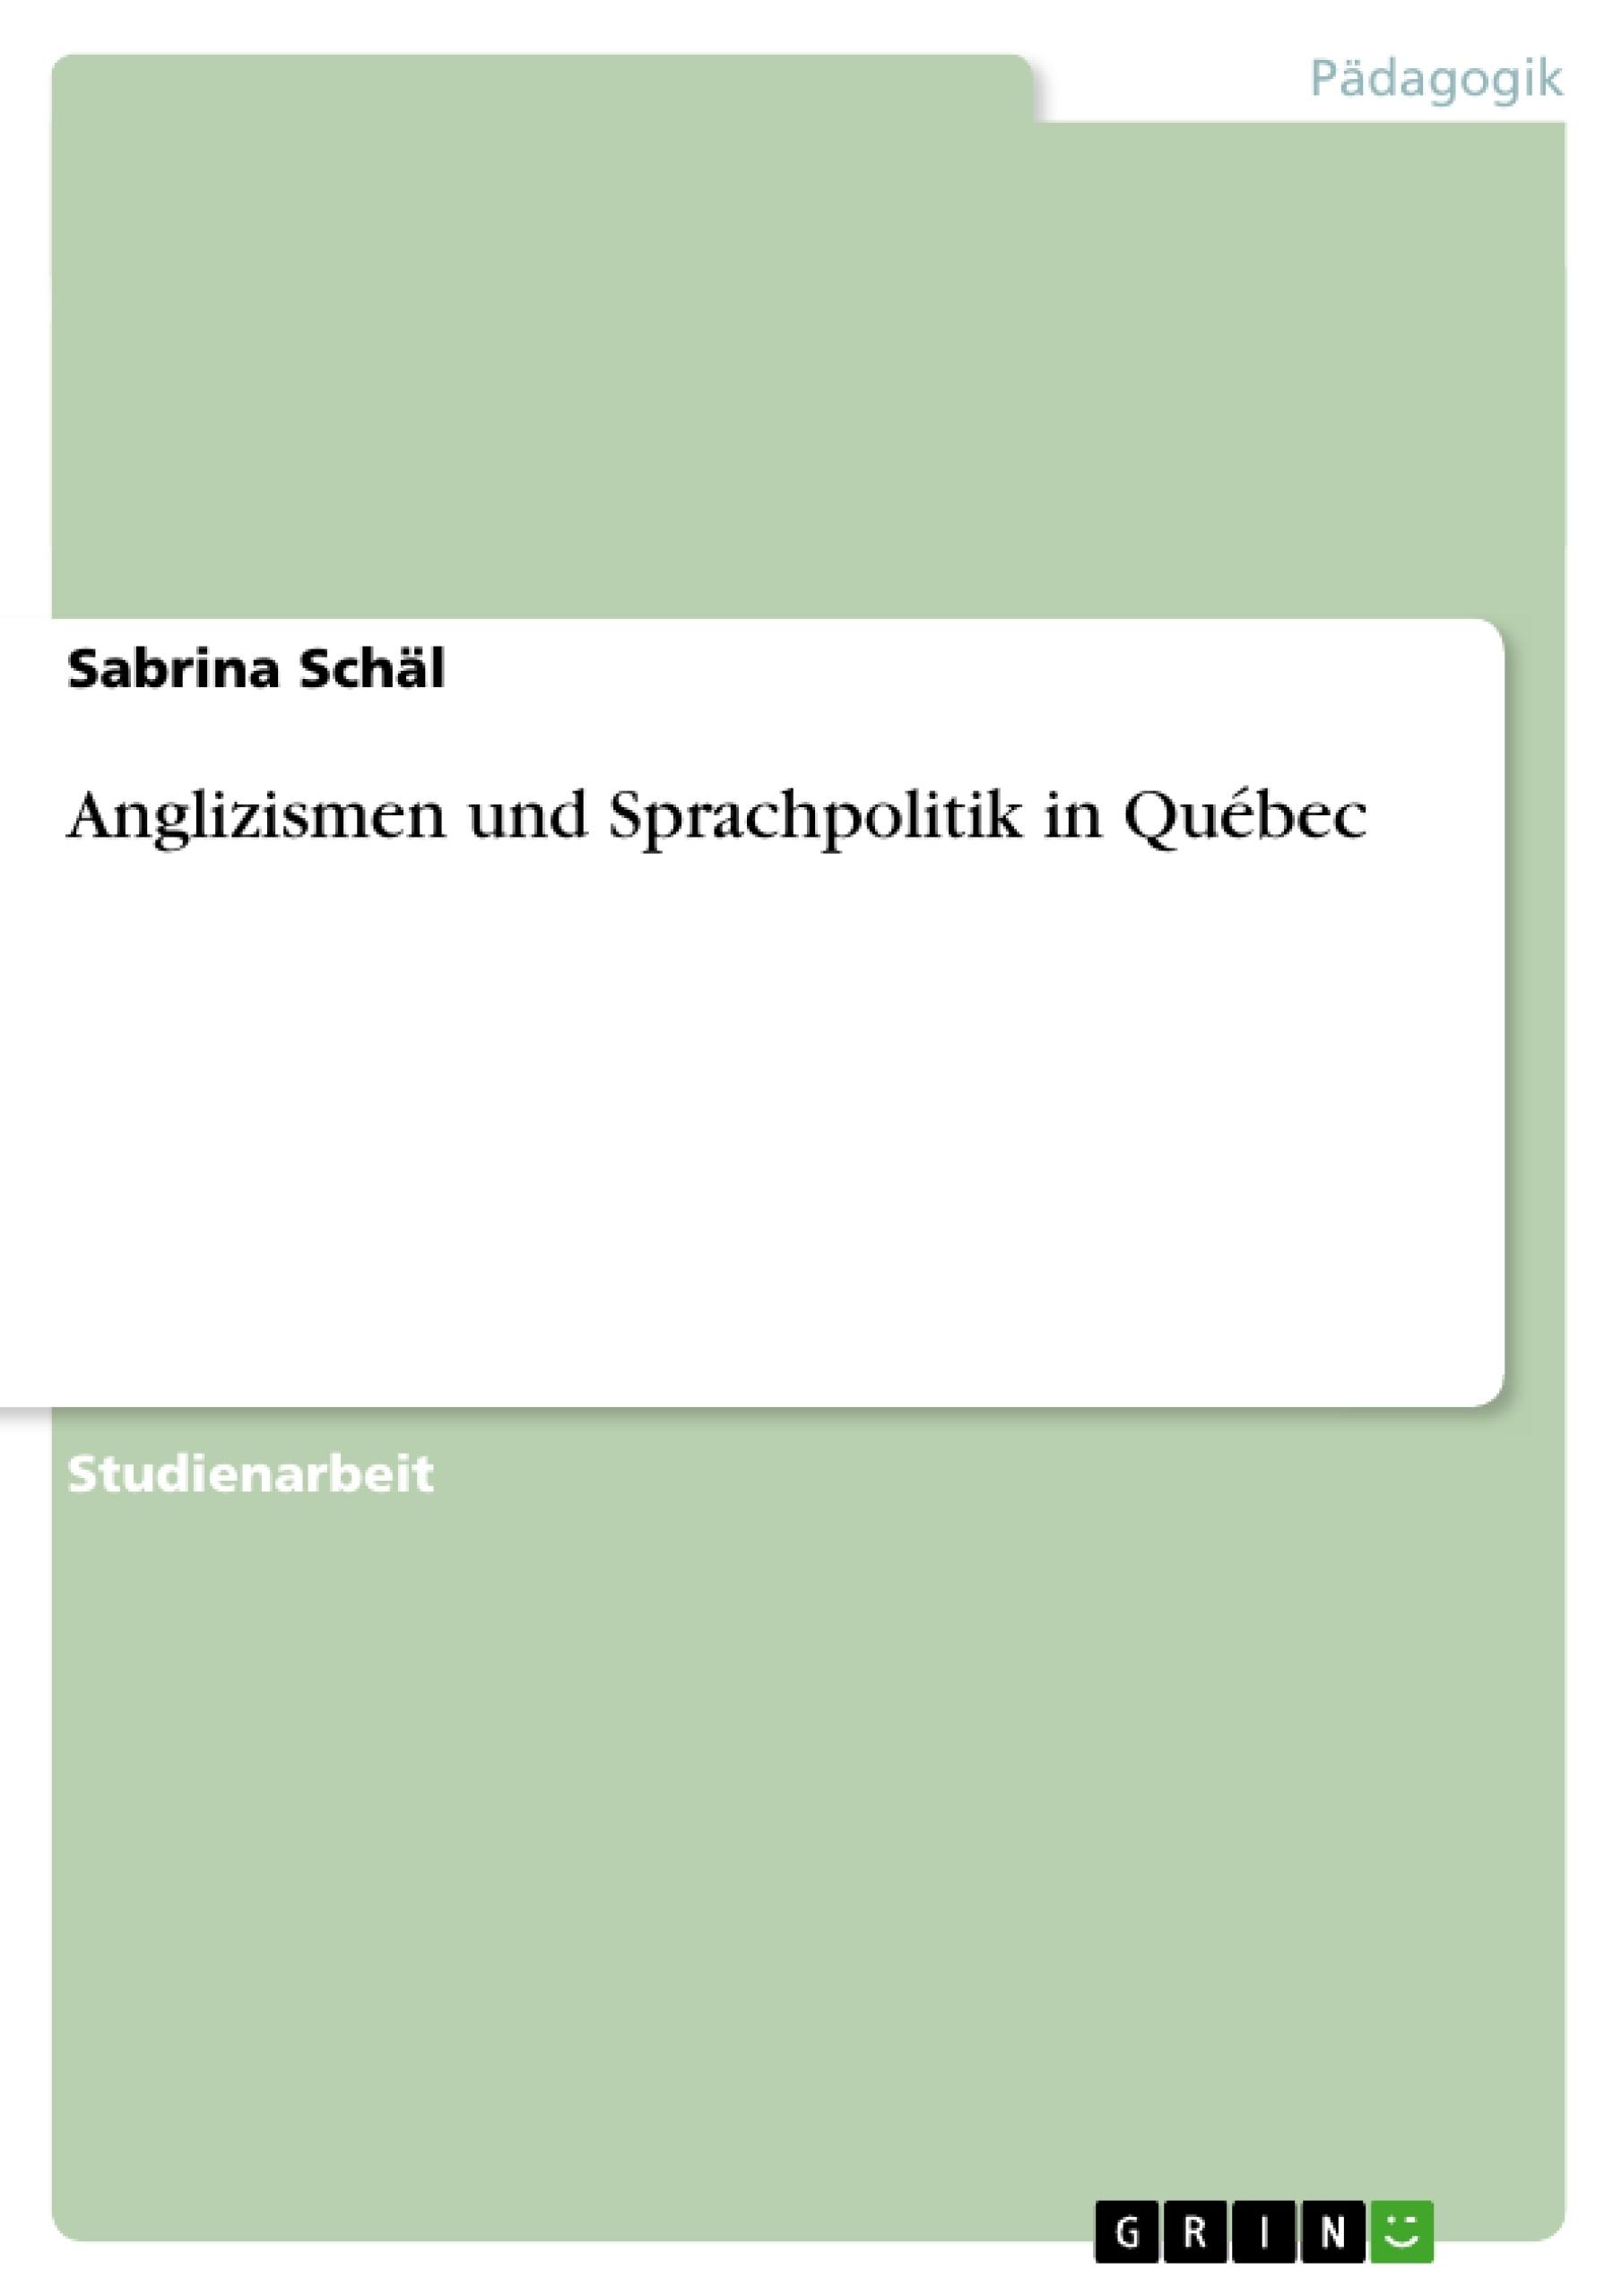 Titel: Anglizismen und Sprachpolitik in Québec